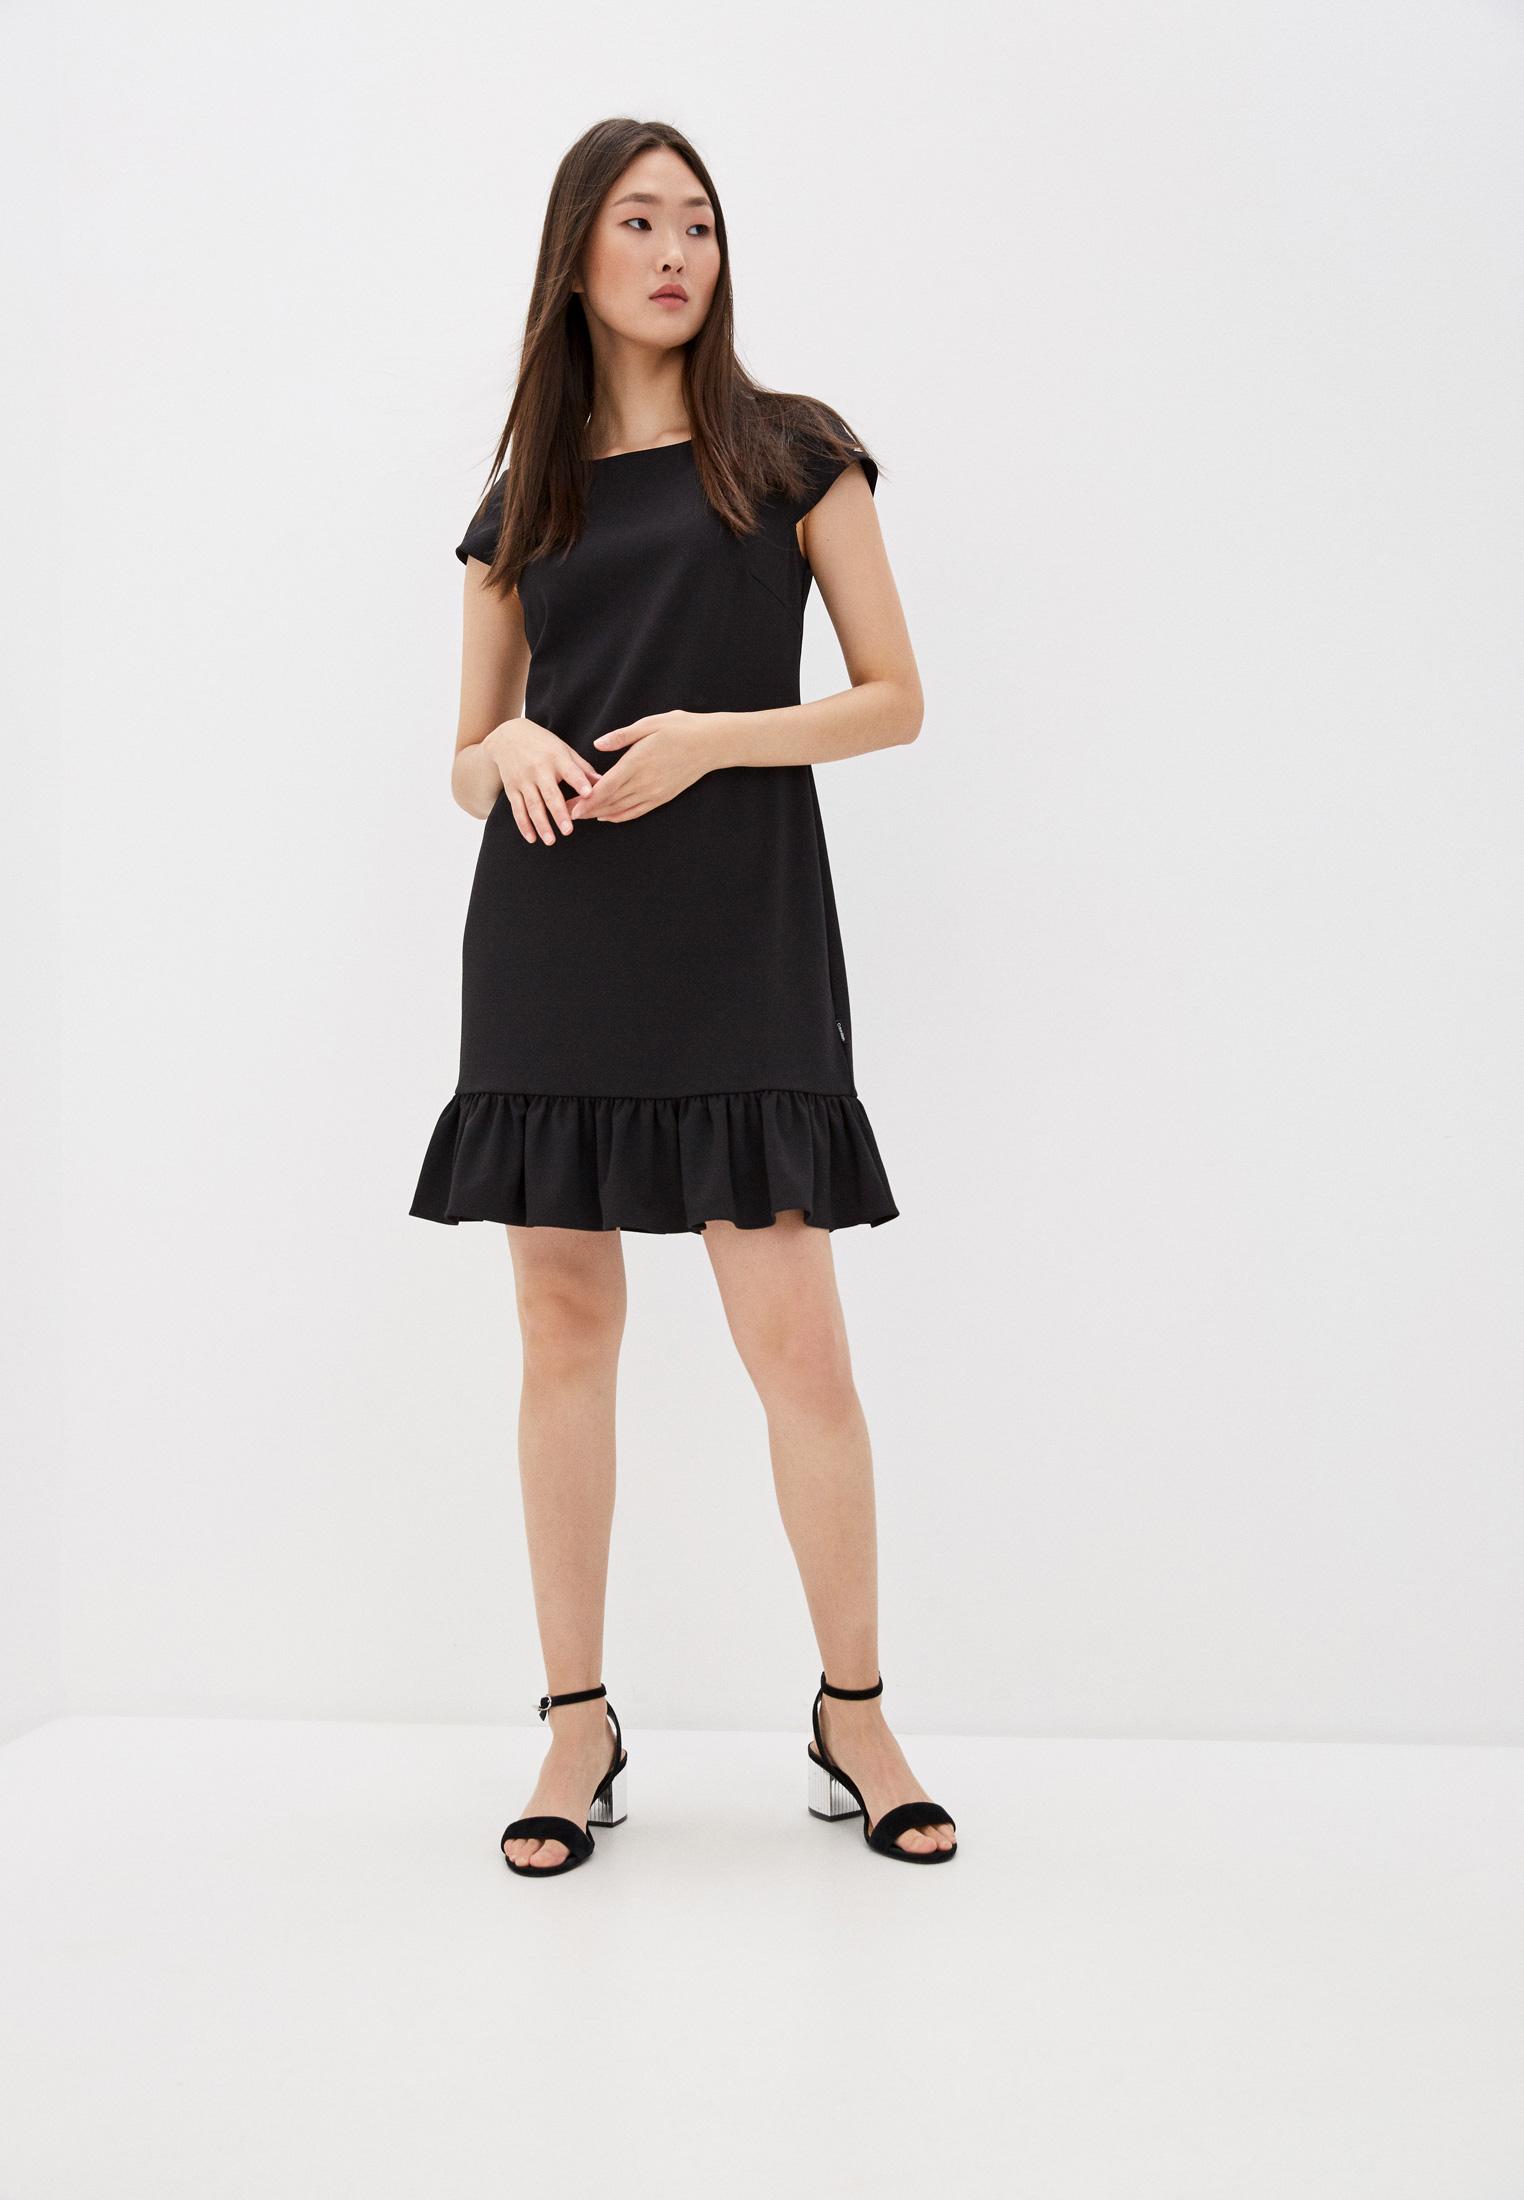 Повседневное платье Calvin Klein (Кельвин Кляйн) K20k201960: изображение 2